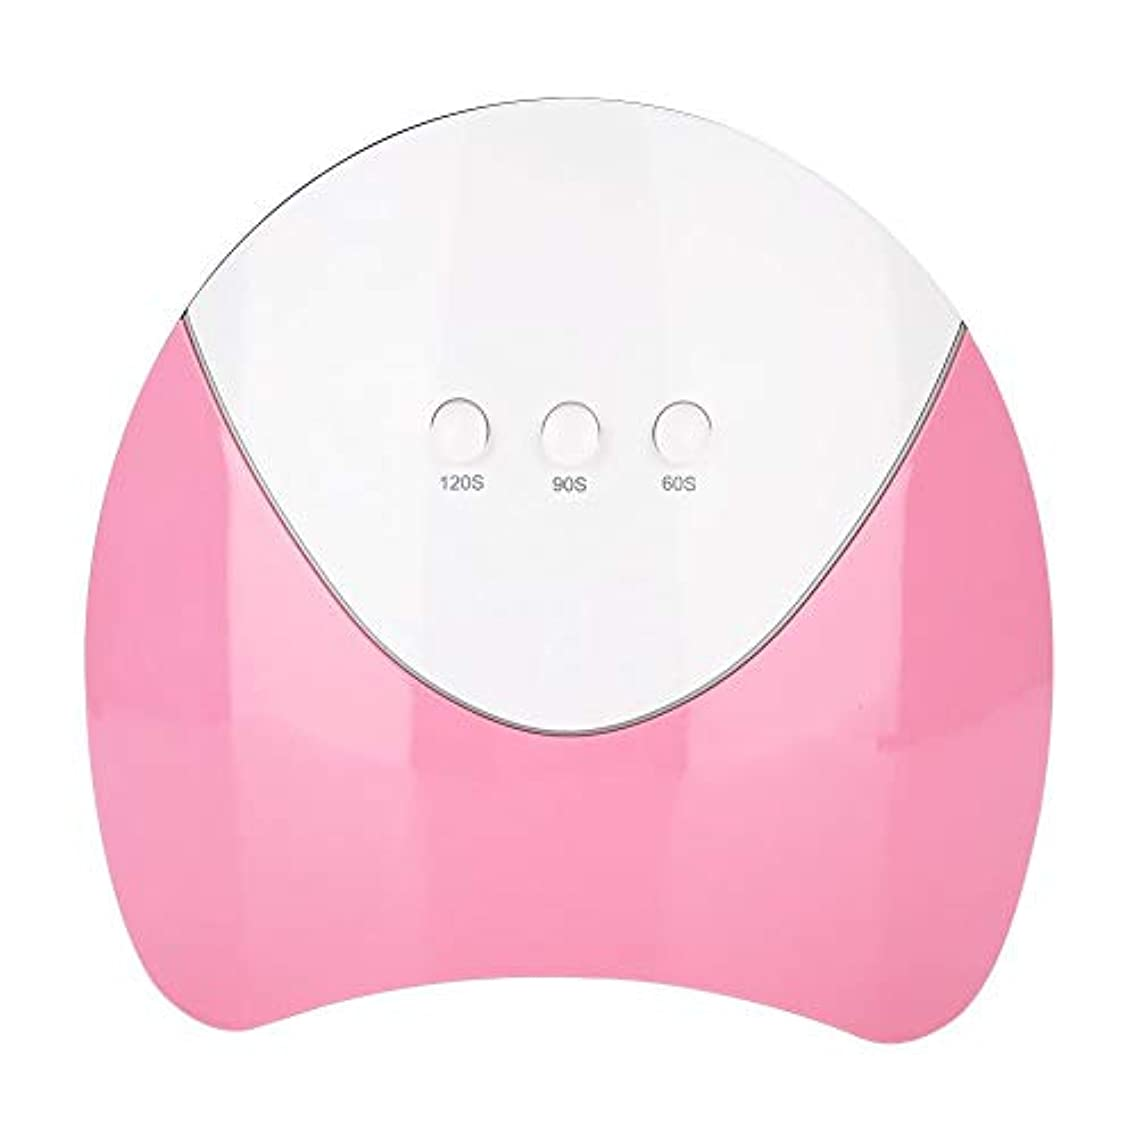 ライトニング差し引く親指UV LEDネイルドライヤー 光線療法マシン 36WのUV ハイパワー UV と LEDダブルライト ジェルネイル用 3タイマー インテリジェントな(ピンク)